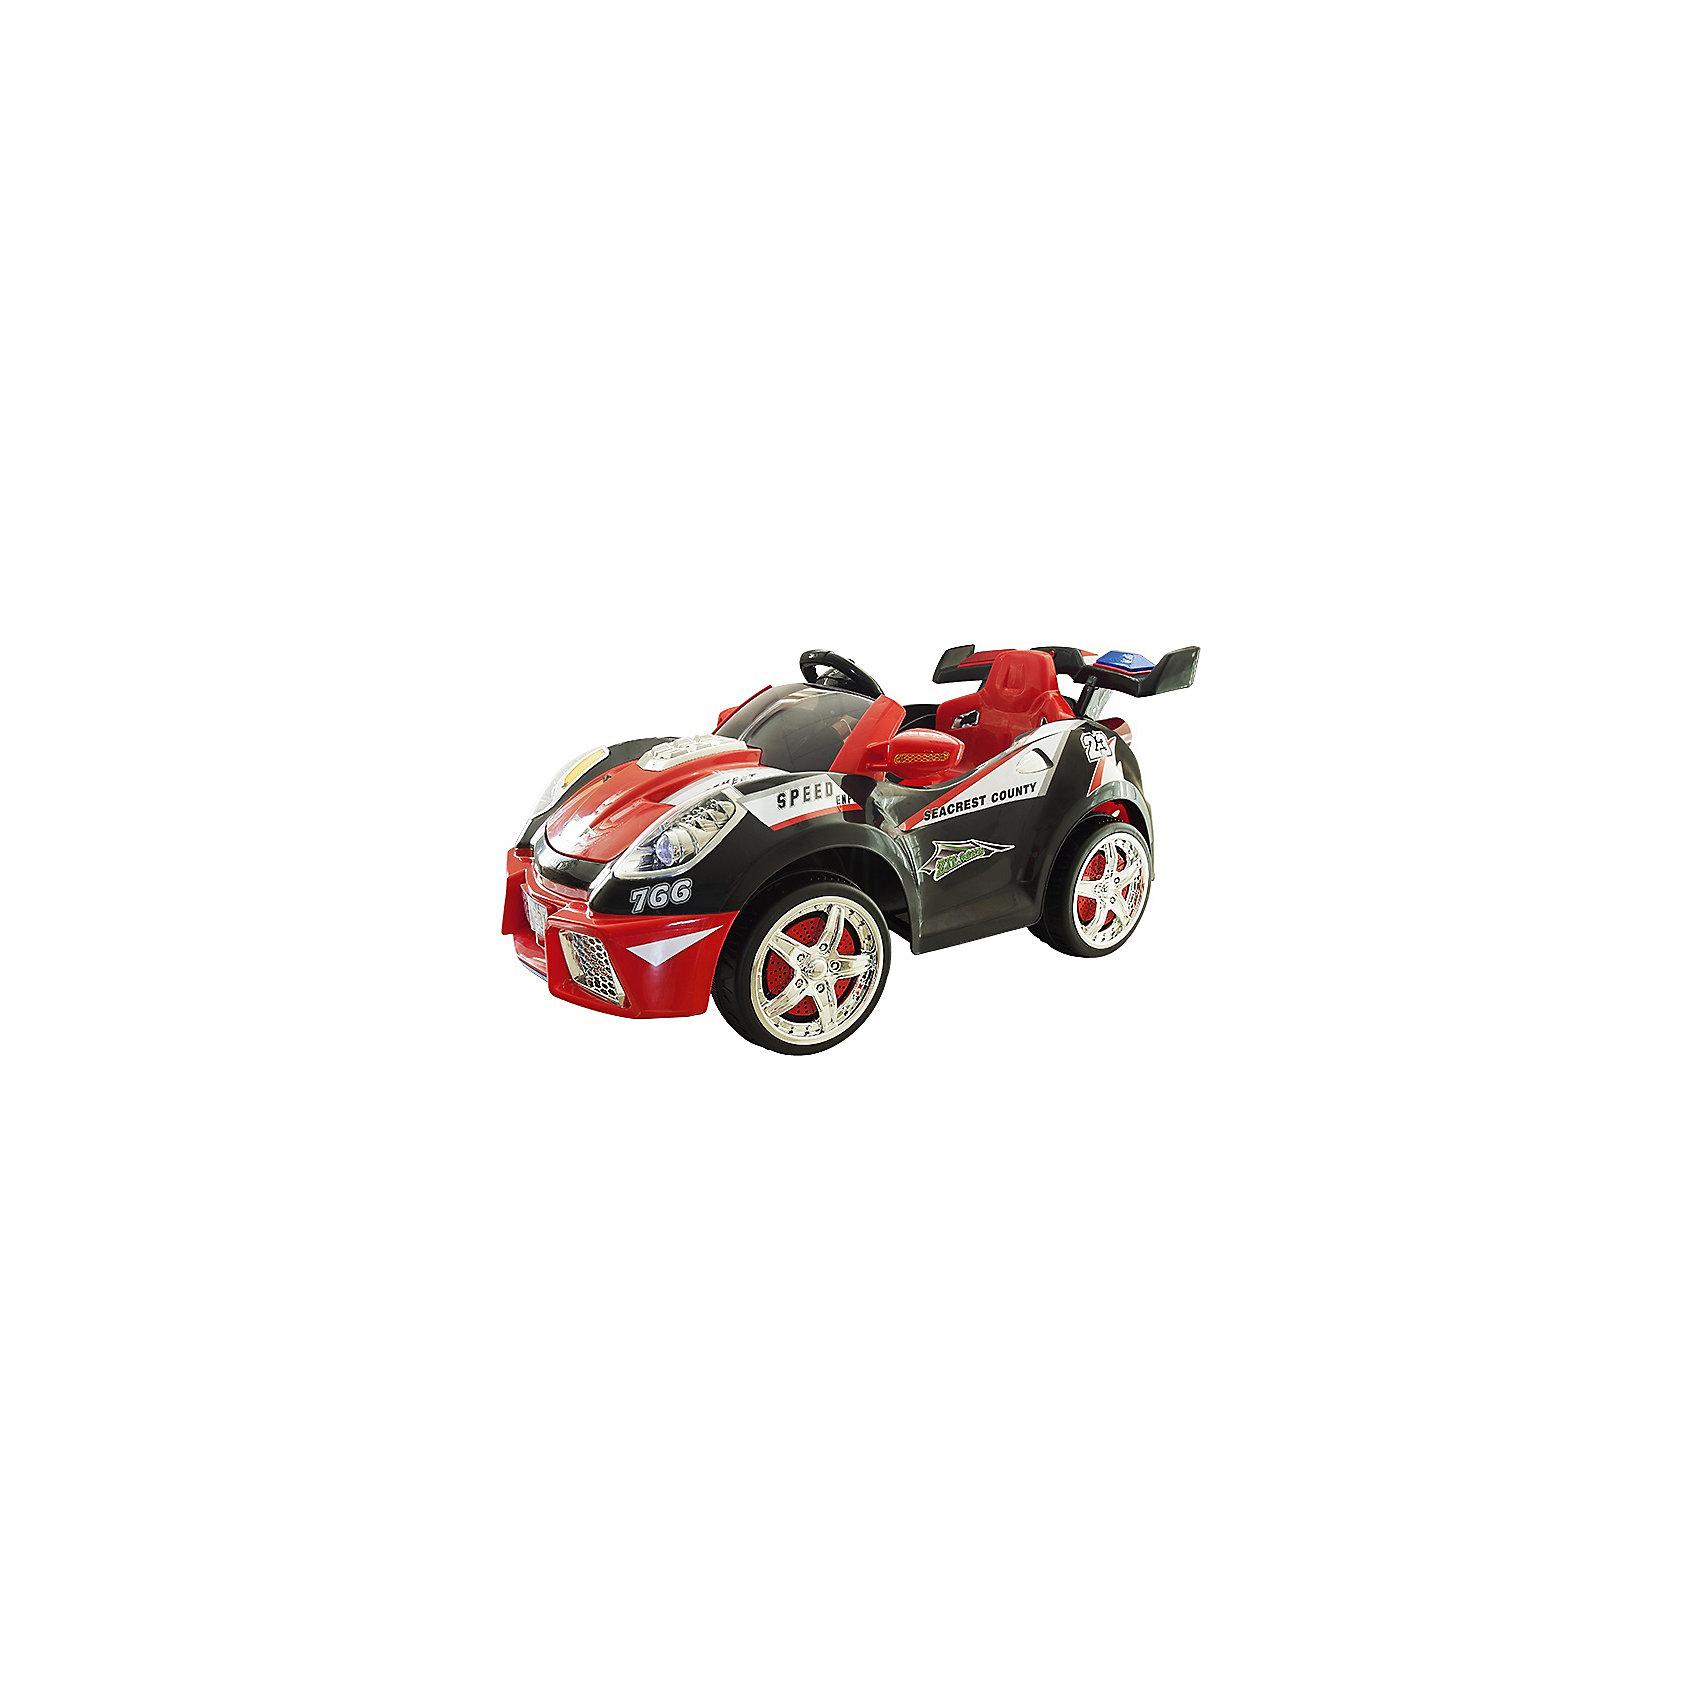 Электромобиль Гонка-1201В, ZilmerЭлектромобиль Zilmer Гонка-1201В на аккумуляторной батарее со световыми и звуковыми эффектами станет отличным подарком для ребёнка от 3 до 7 лет! Электромобиль позволит почувствовать себя настоящим водителем!<br>Характеристики:<br>Движение вперёд и назад, повороты влево и вправо,<br>Аккумуляторная батарея: 6В 7 А/ч,<br>Скорость: 2-3 км/ч,<br>Максимальная нагрузка: 30 кг,<br>Время использования без подзарядки: 1-2 часа,<br>Световые и звуковые эффекты.<br>Комплектация и описание товара могут незначительно отличаться от указанных на сайте и в инструкции.<br><br>Ширина мм: 1160<br>Глубина мм: 600<br>Высота мм: 350<br>Вес г: 15900<br>Возраст от месяцев: 36<br>Возраст до месяцев: 72<br>Пол: Унисекс<br>Возраст: Детский<br>SKU: 4637755